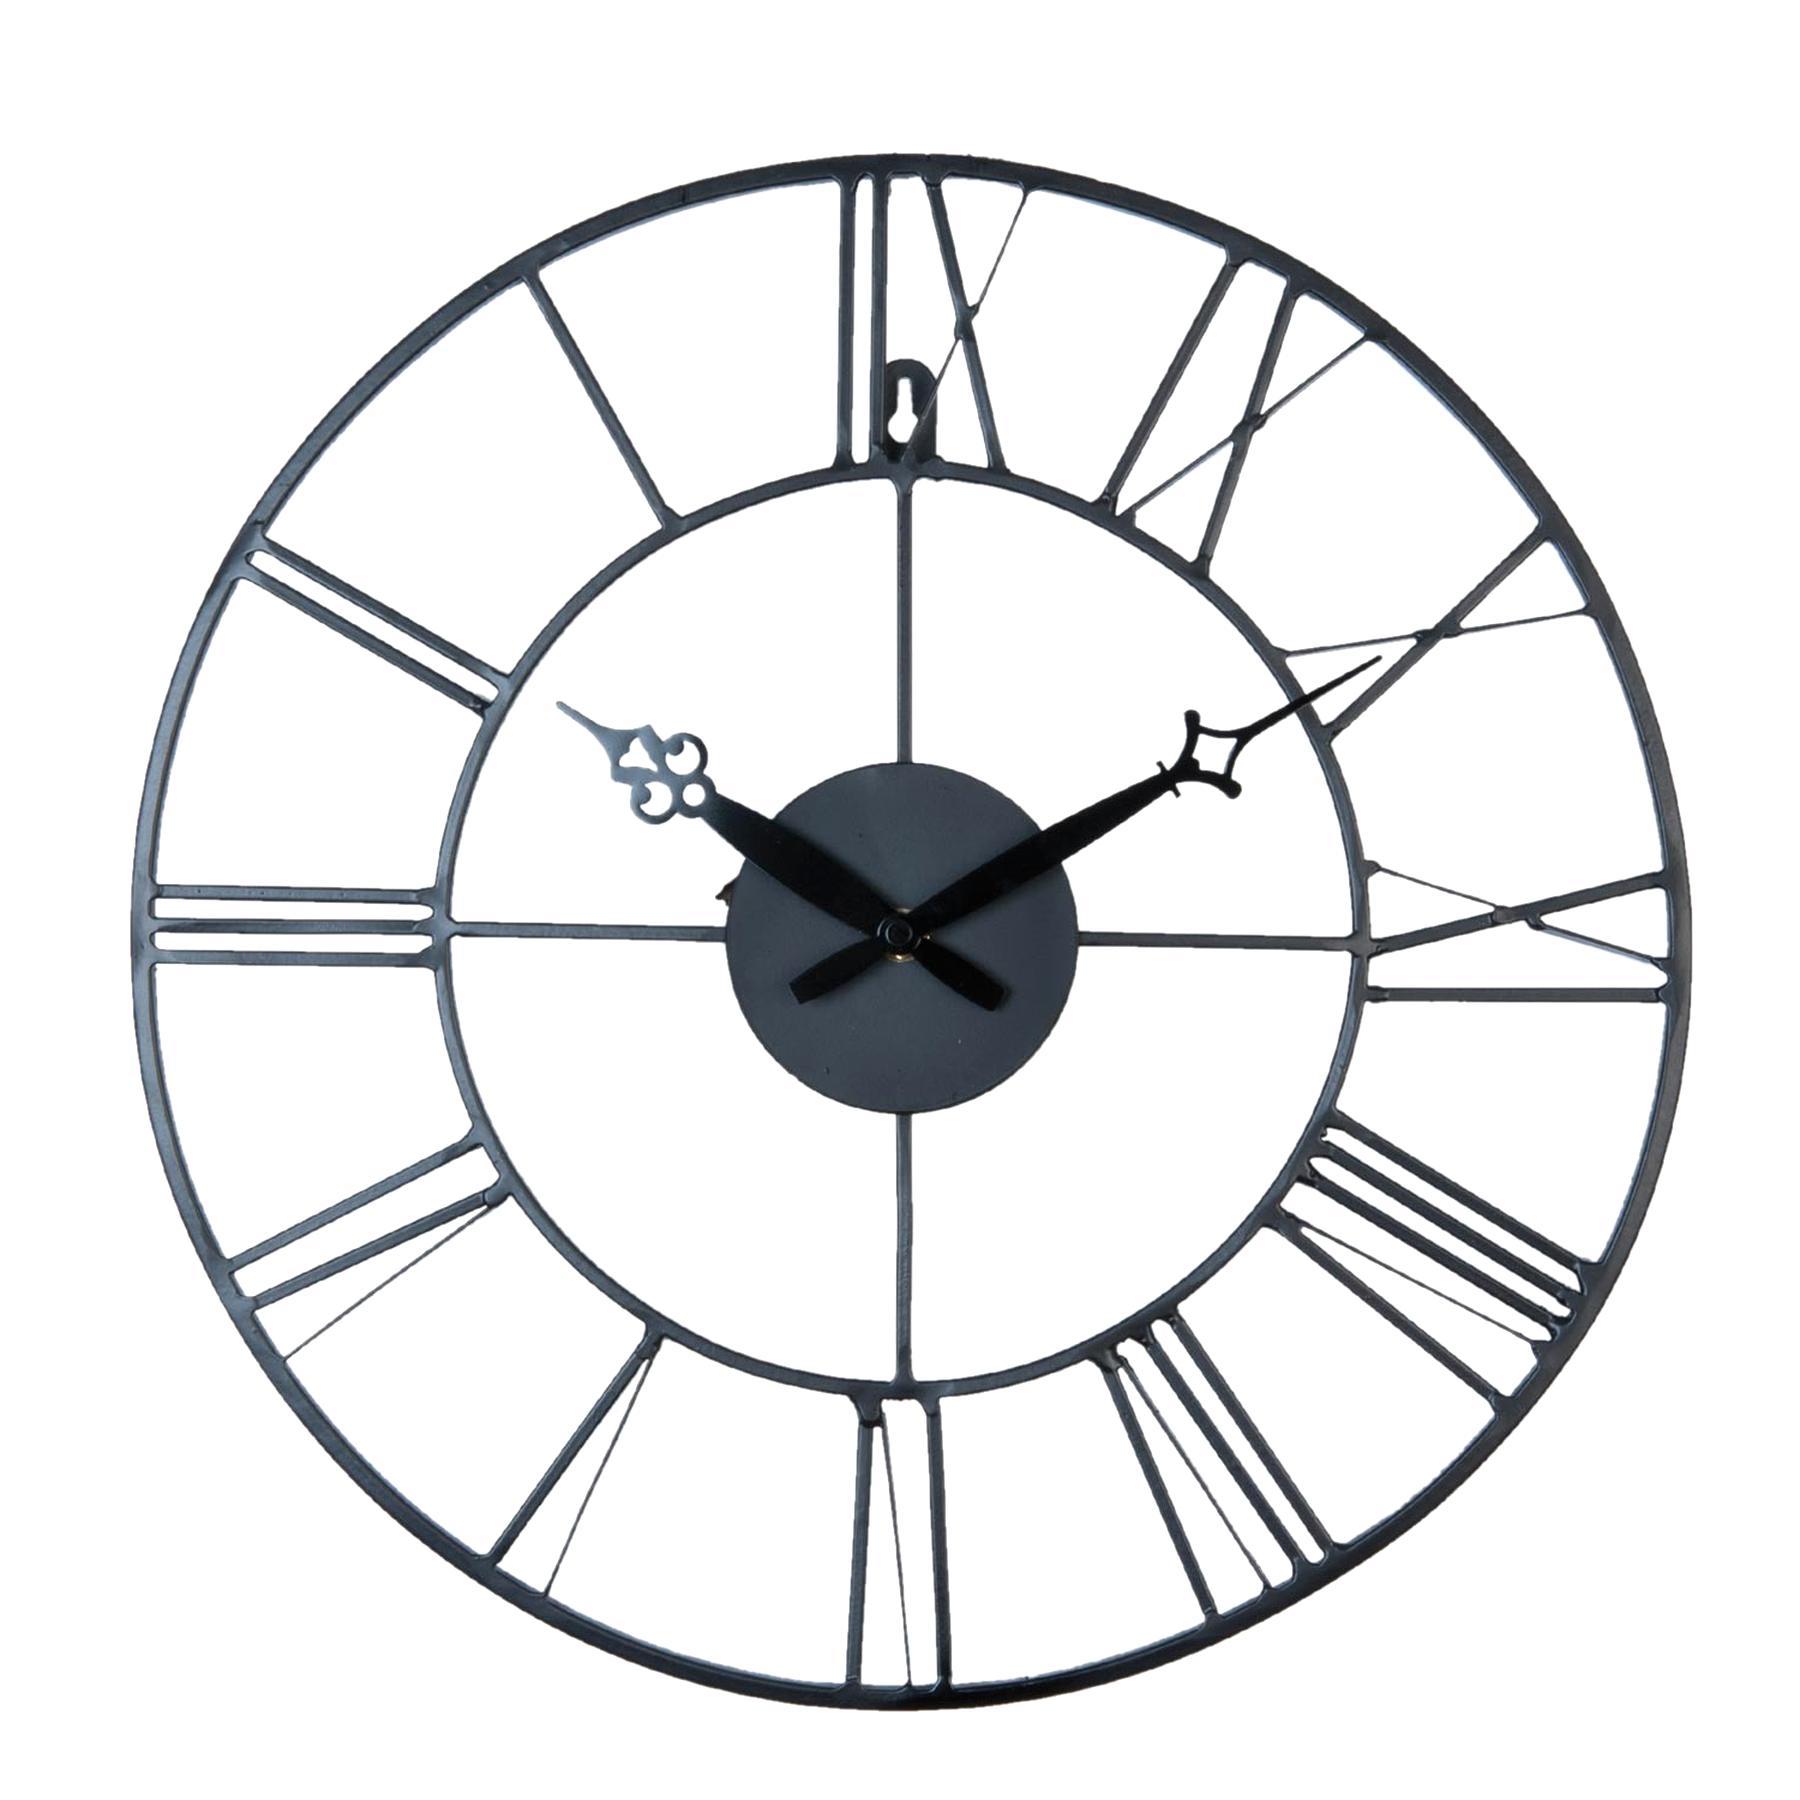 Grosse Horloge Fer Forgé horloge fer d'occasion | plus que 2 à -65%